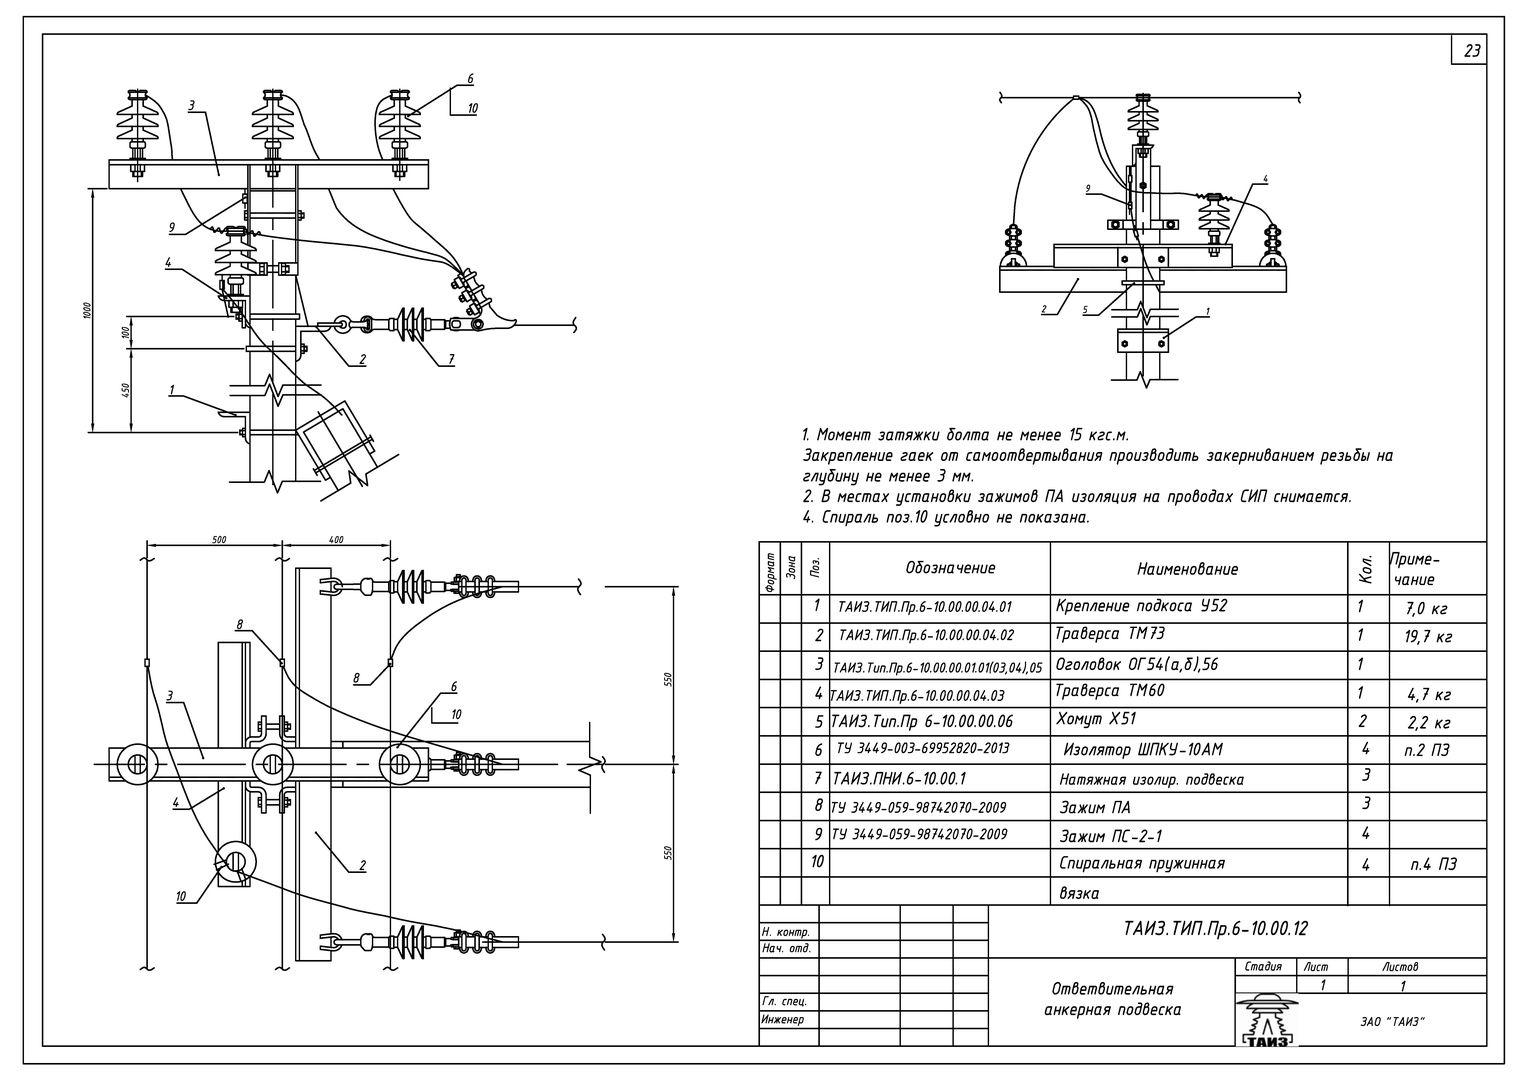 Глава 2.5. воздушные линии электропередачи напряжением выше 1 кв / пуэ 7 / библиотека / элек.ру